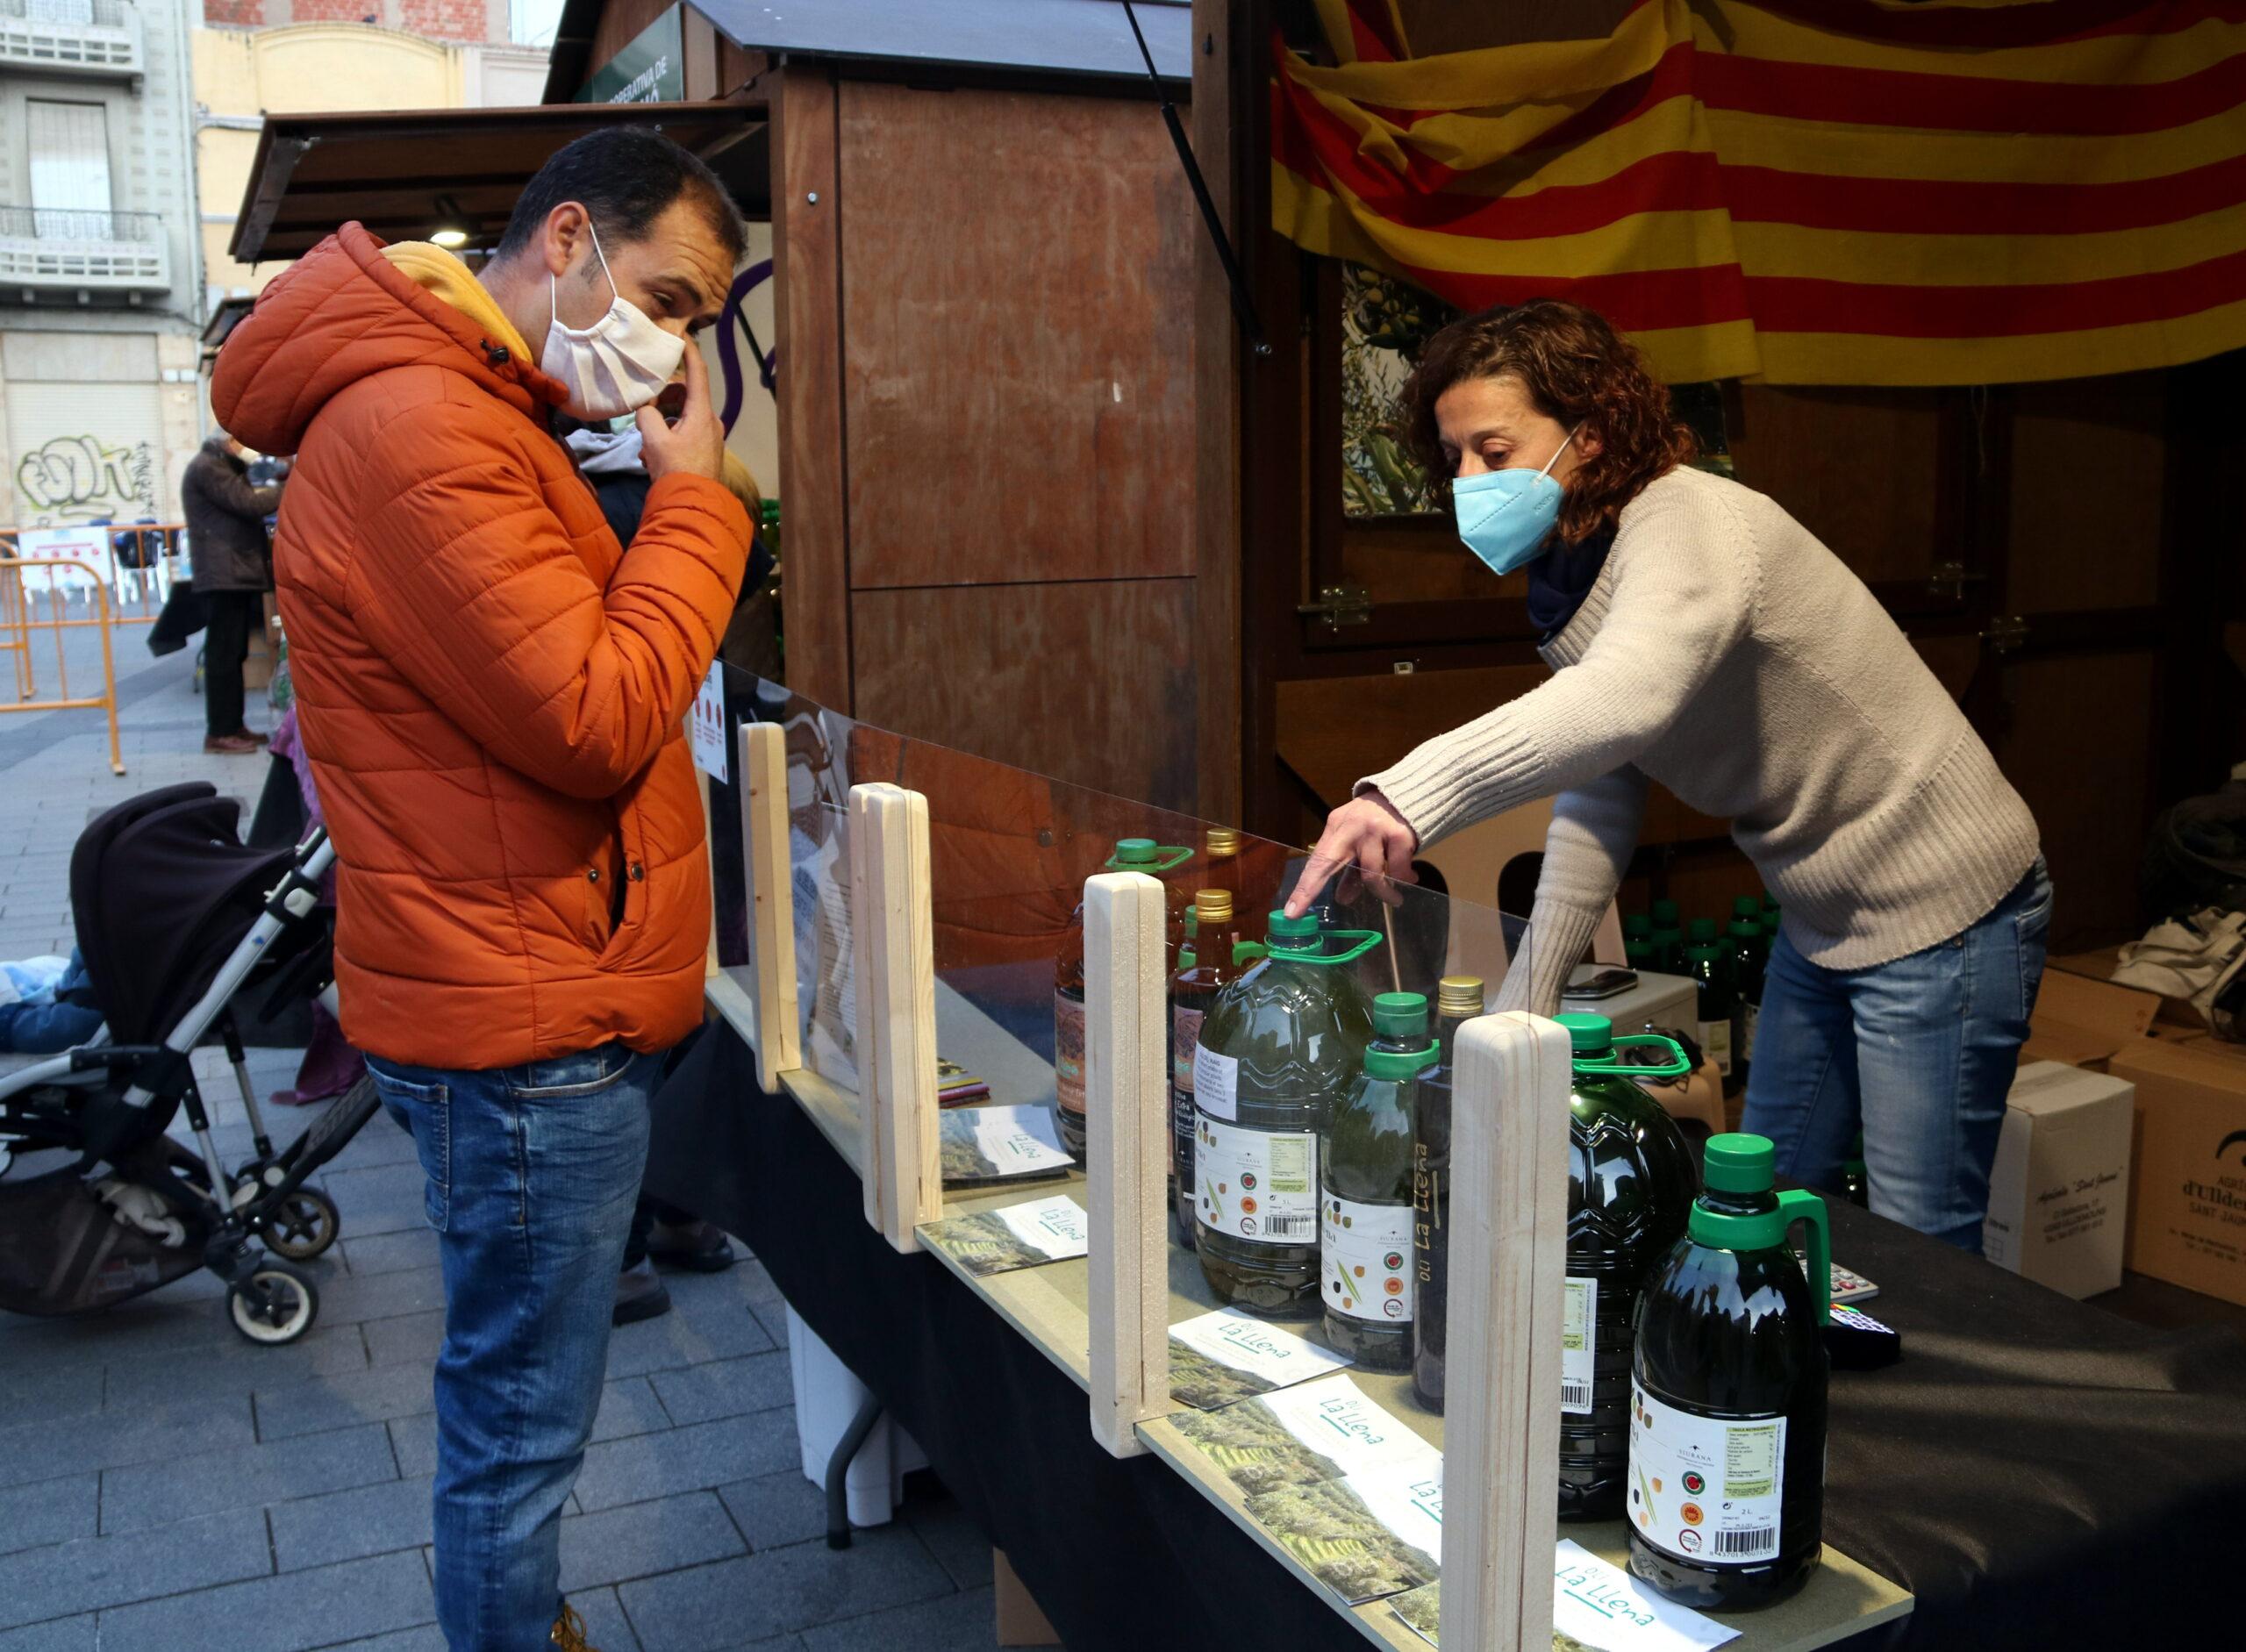 Un comprador i una venedora en un dels estands que ha participat en la 20a edició de la fira de l'oli nou DOP Siurana que s'ha celebrat a Tarragona | ACN